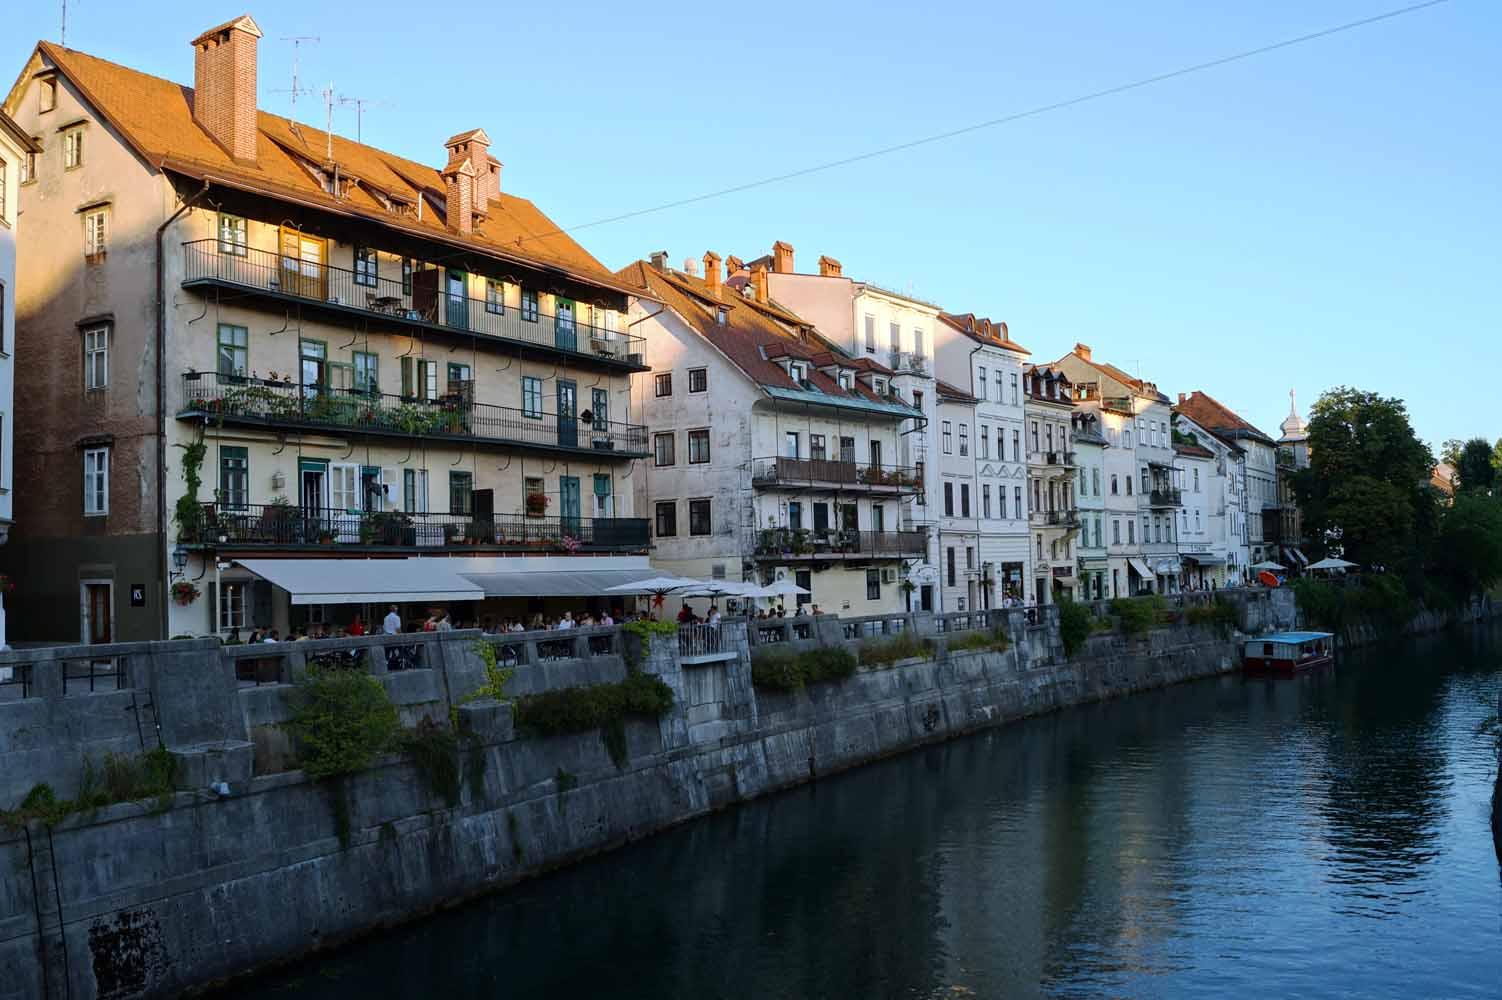 Slowenien Sehenswürdigkeiten - Ljubljana